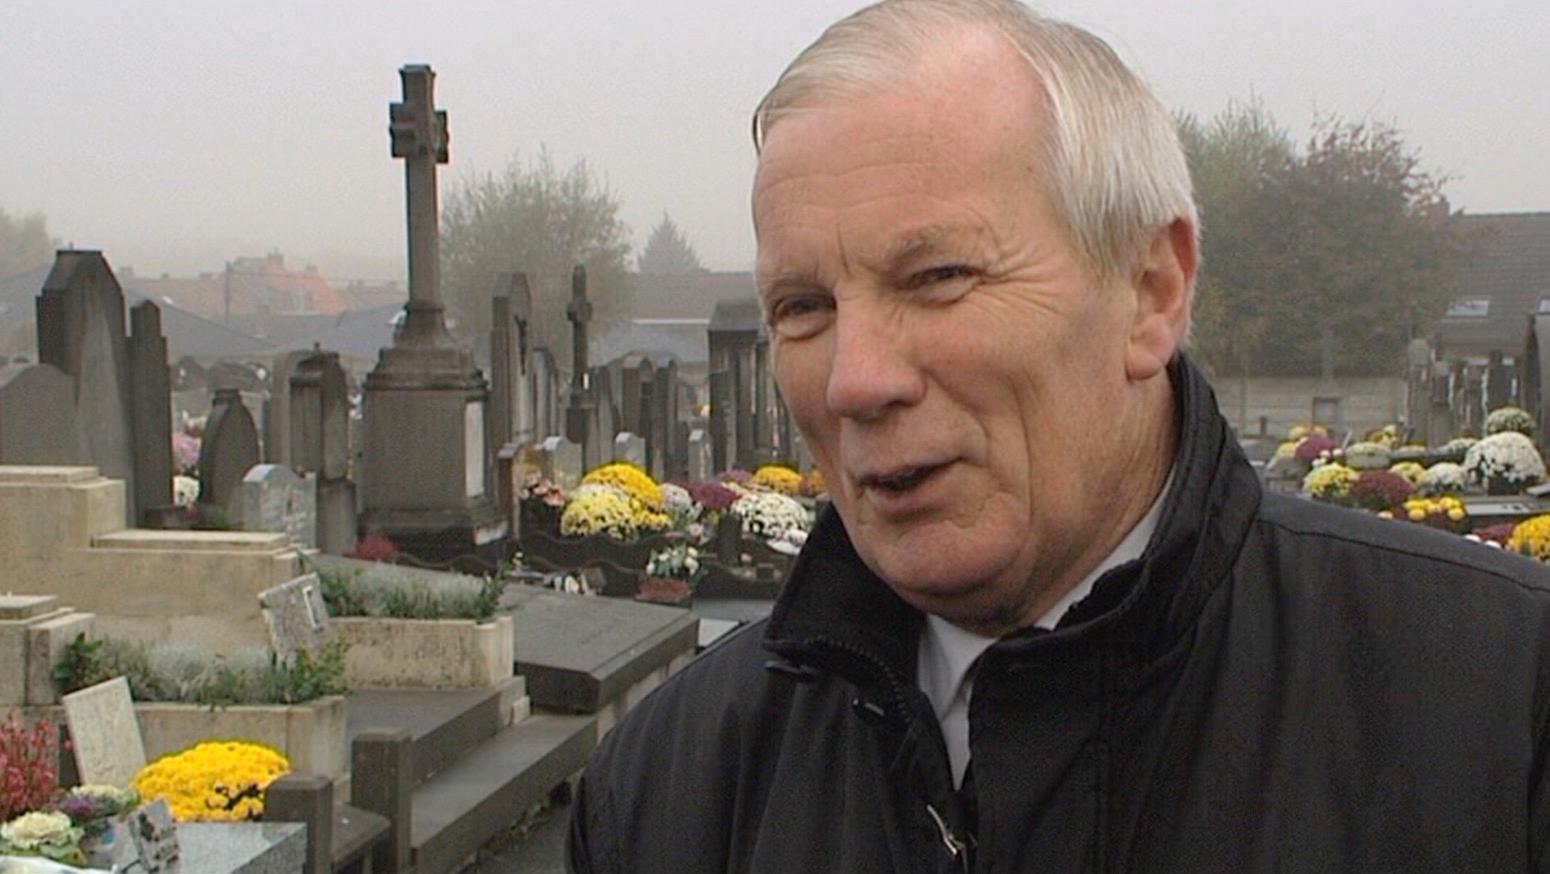 Alfred Gadenne ouvrait et fermait le cimetière de Luingne tous les jours